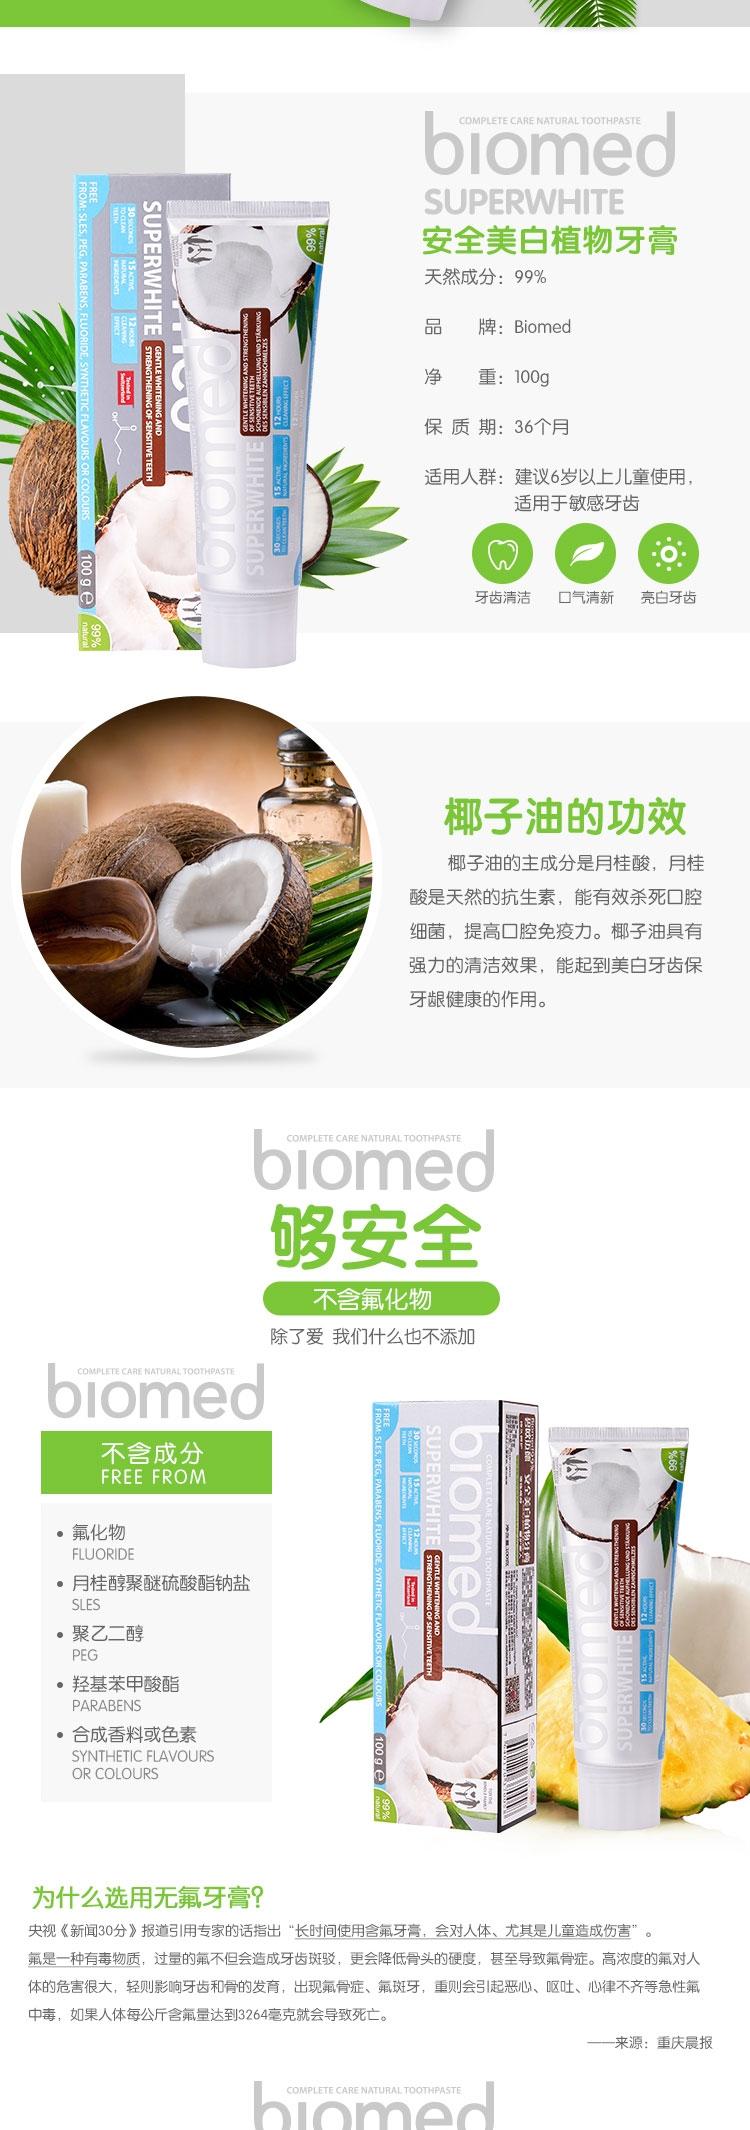 Biomed_-__02.jpg